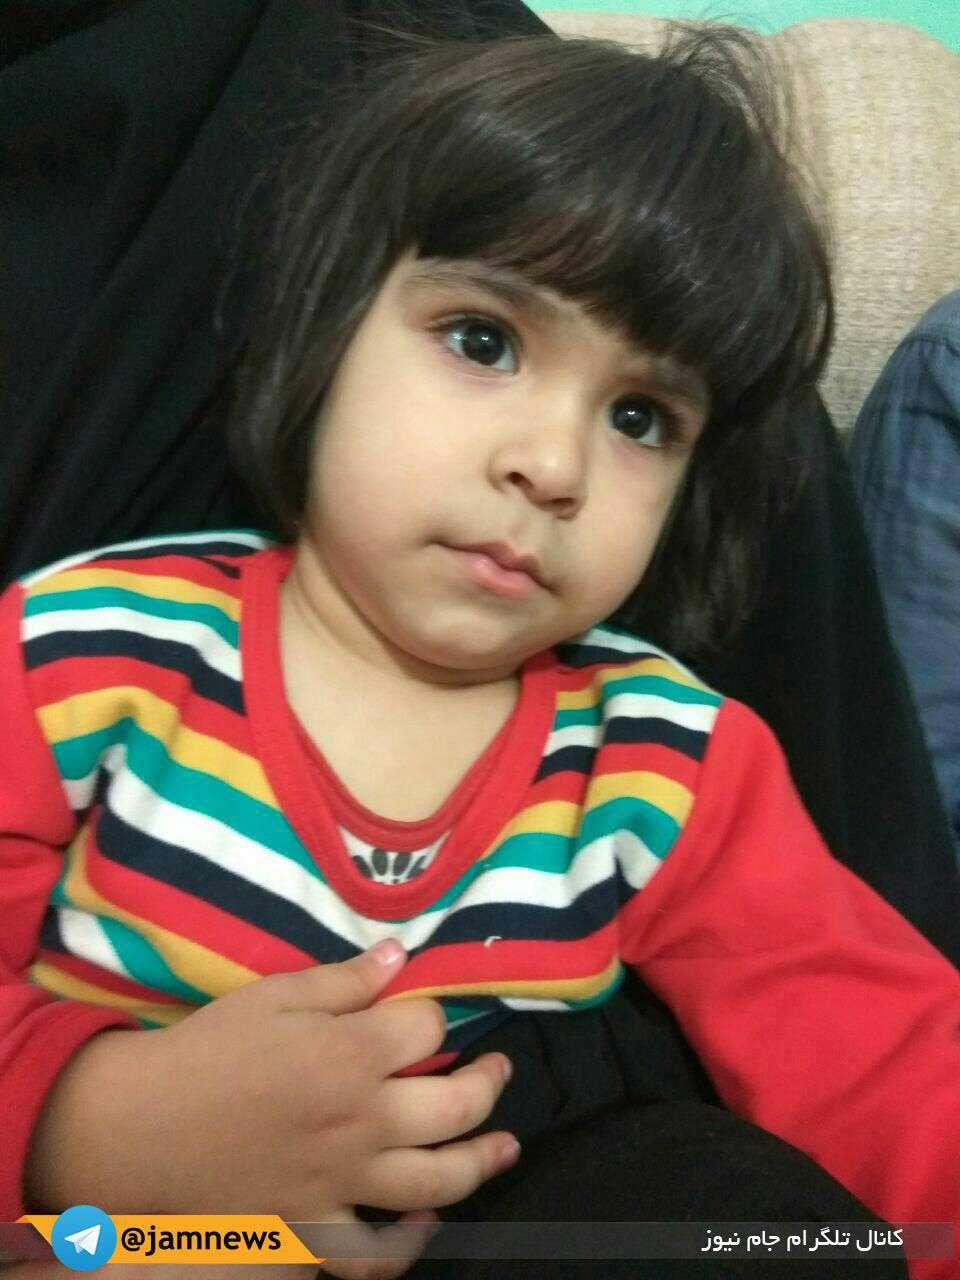 زینب خزایی دختر سه ساله شهید محسن خزایی، که عصر امروز در سوریه به شهادت رسید